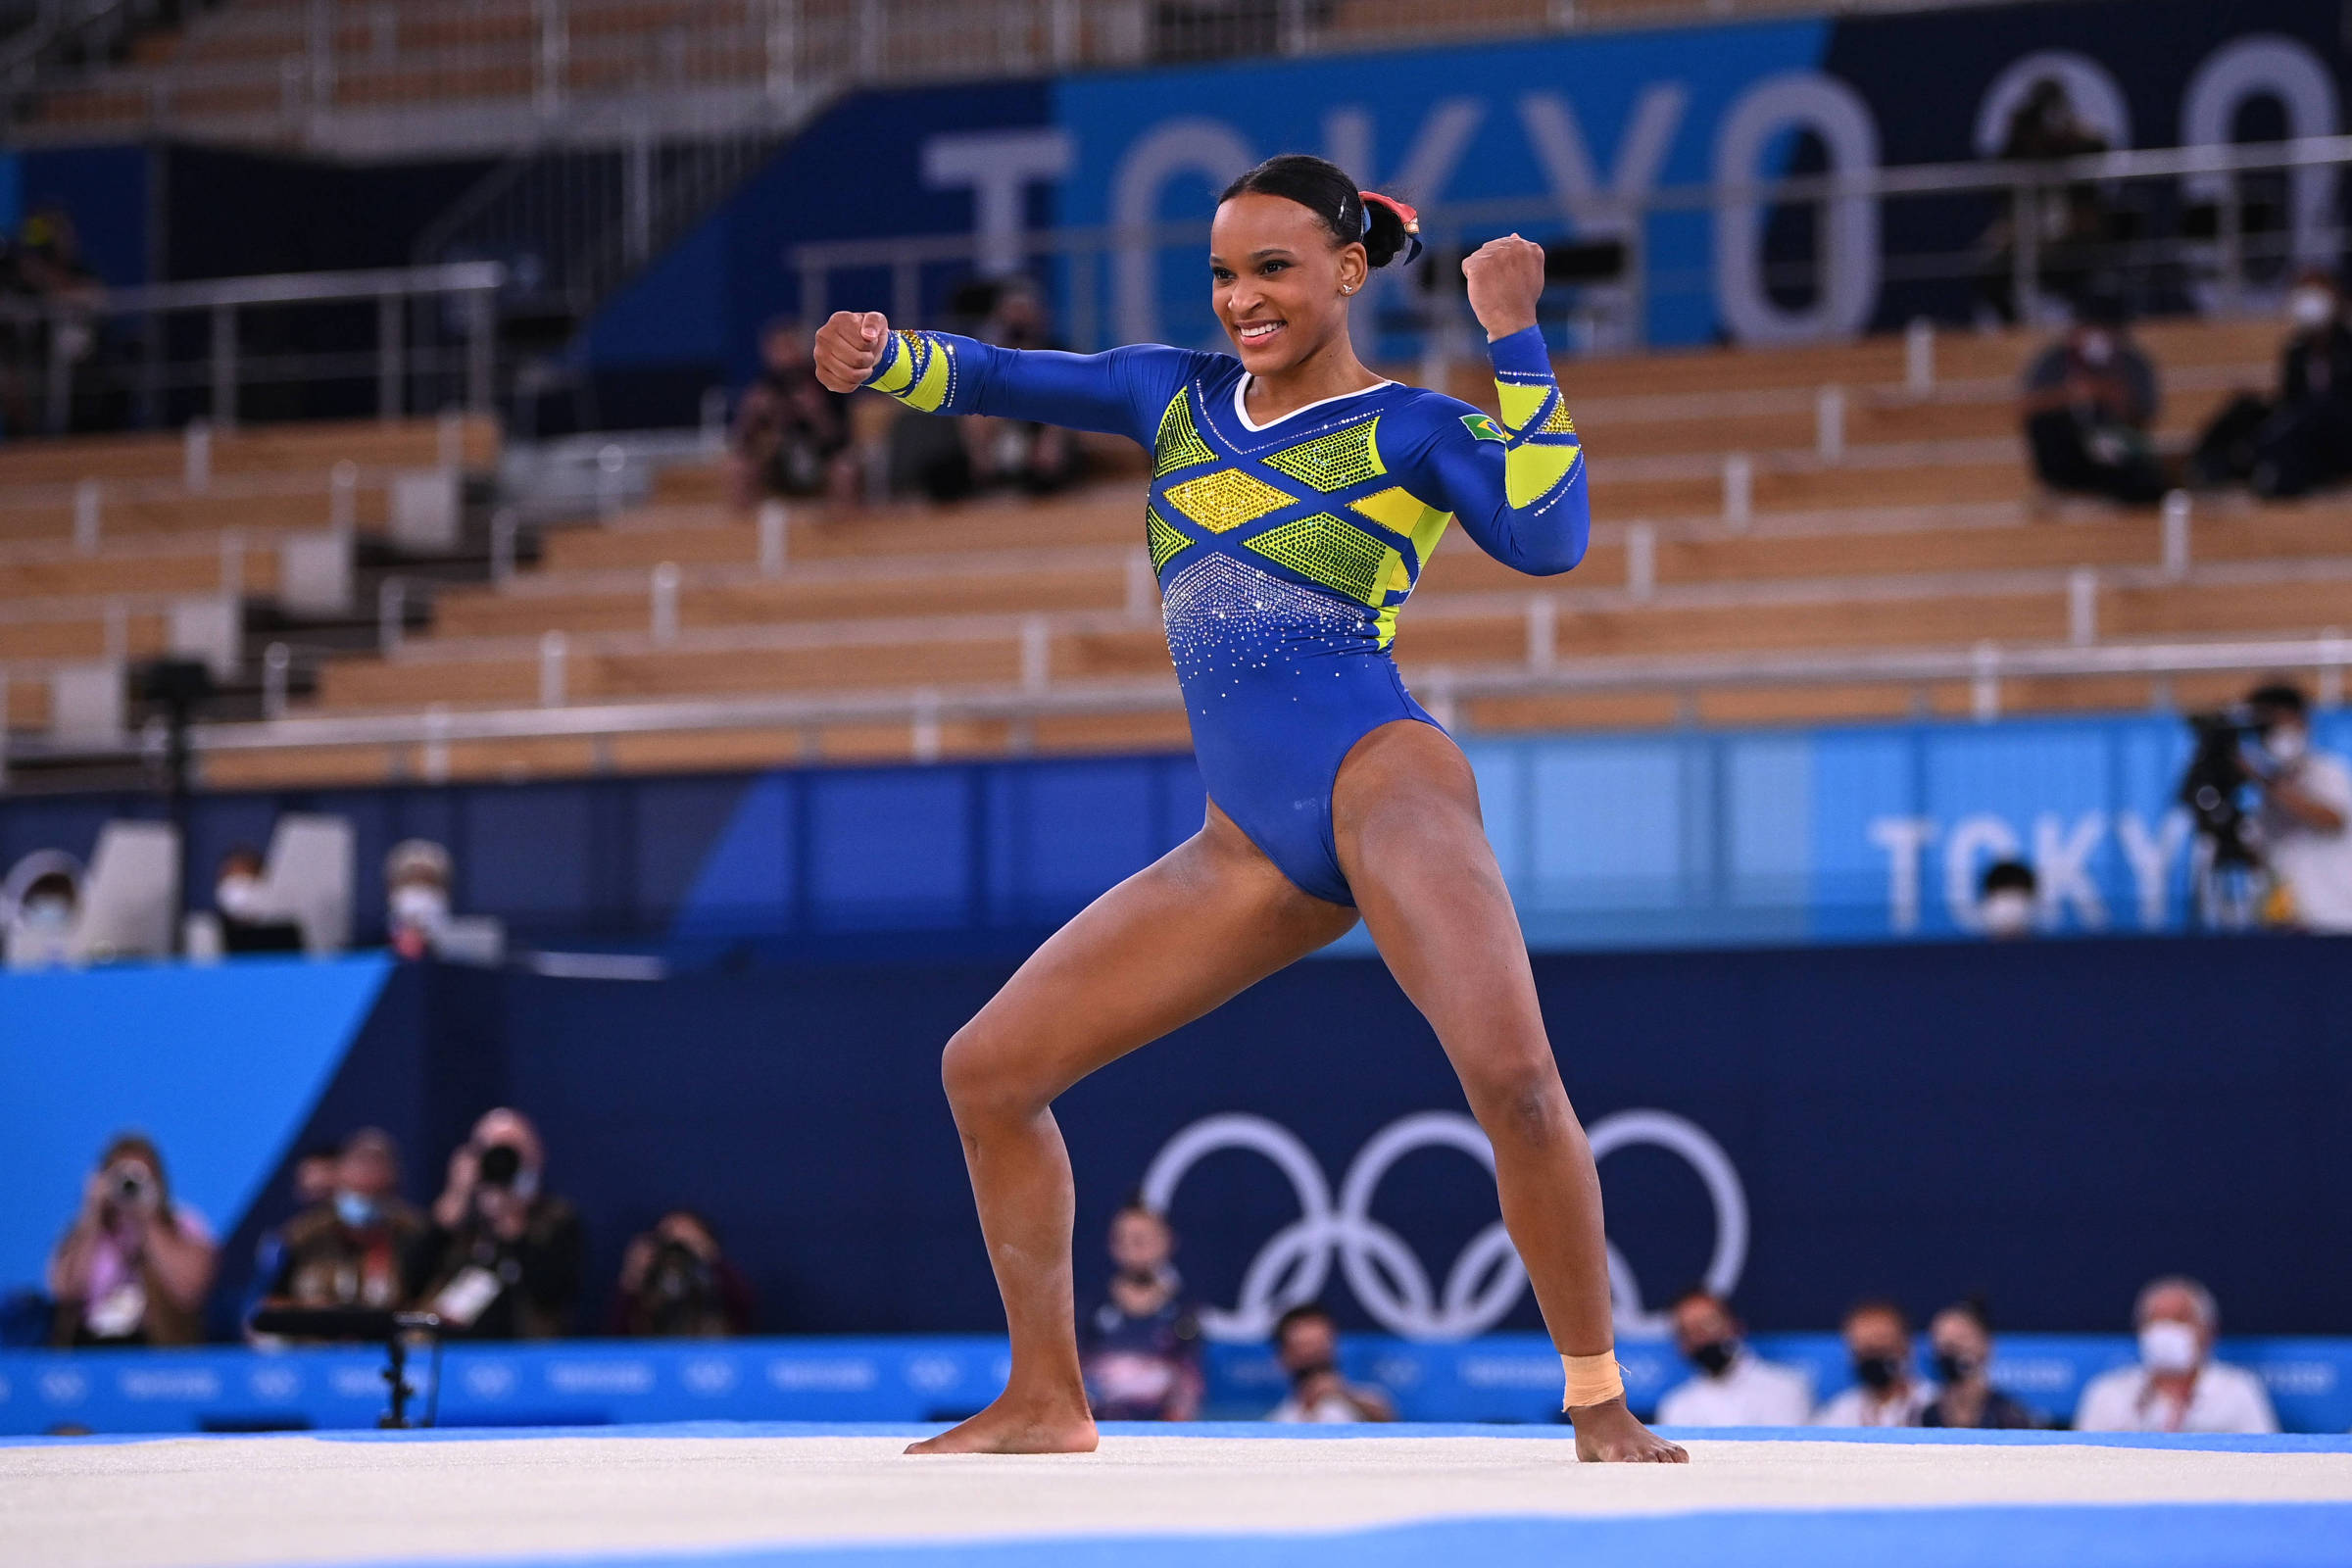 Rebeca Andrade conquista prata na ginástica em Tóquio, e famosos celebram - 29/07/2021 - Celebridades - F5